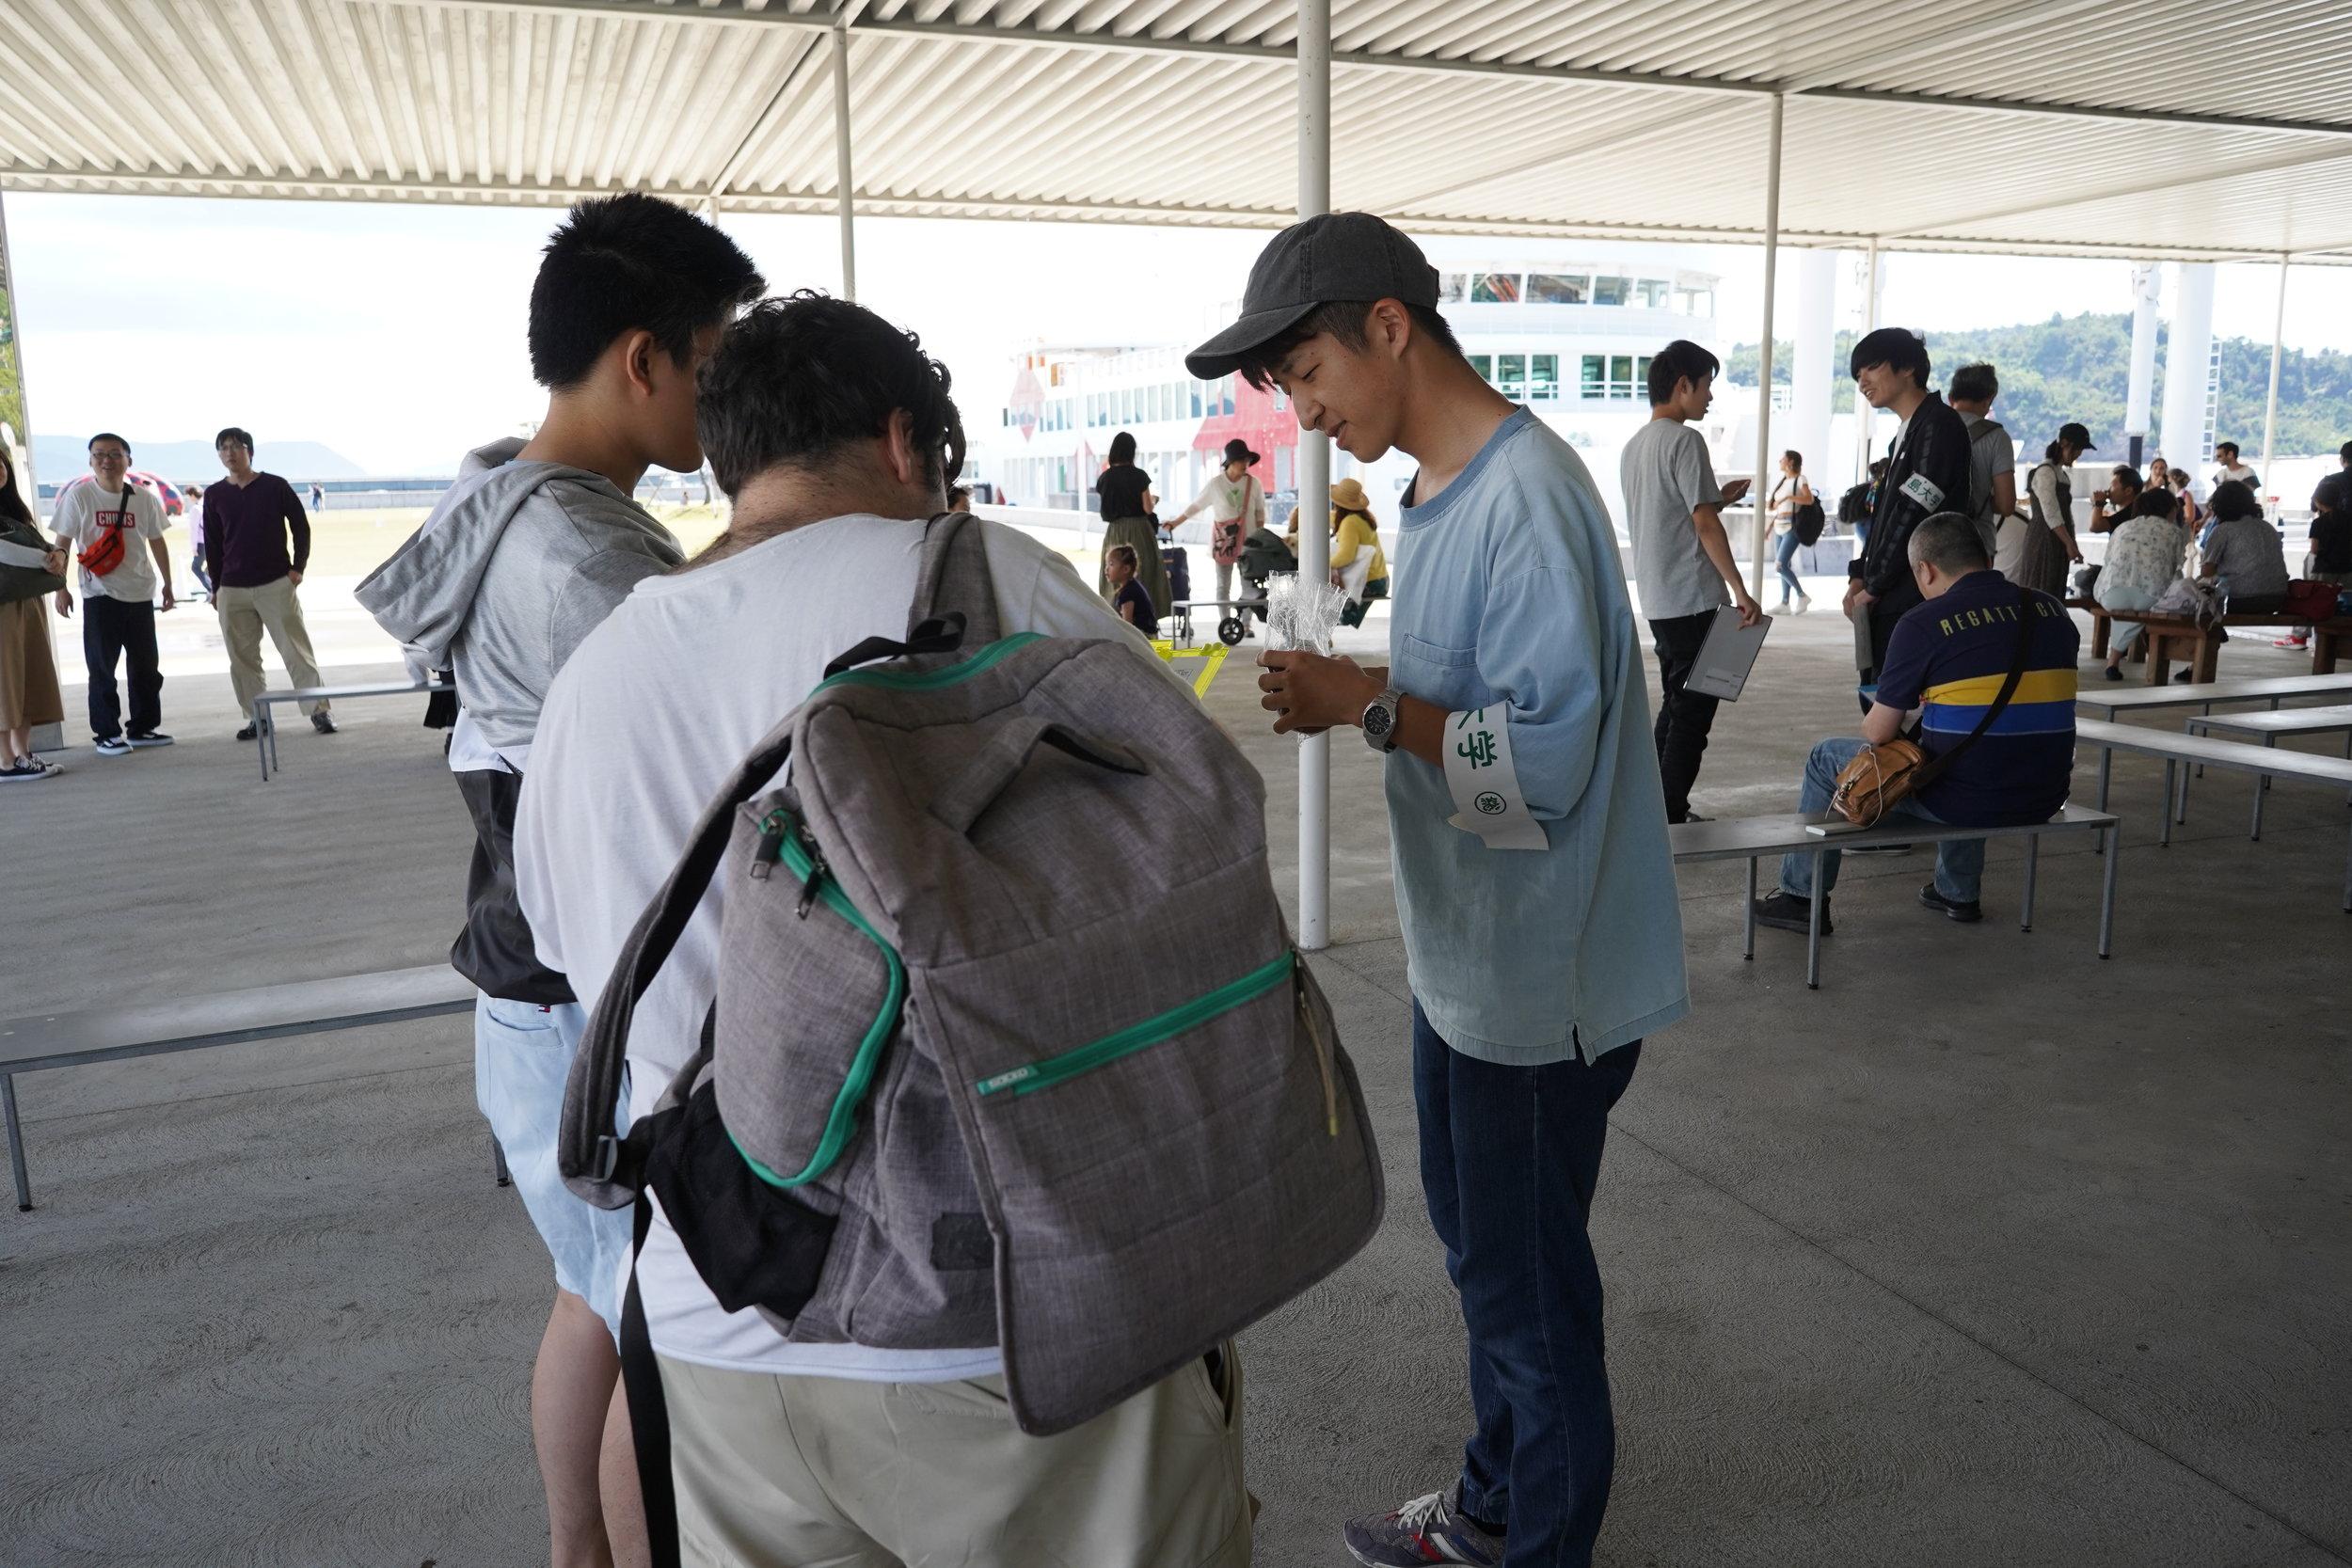 宮浦港では、学生たちが日本語、英語、中国語のアンケートで200人以上の観光客を調査しました。 At Miyanoura Port, students surveyed over 200 departing tourists with questionnaires in Japanese, English, and Chinese.